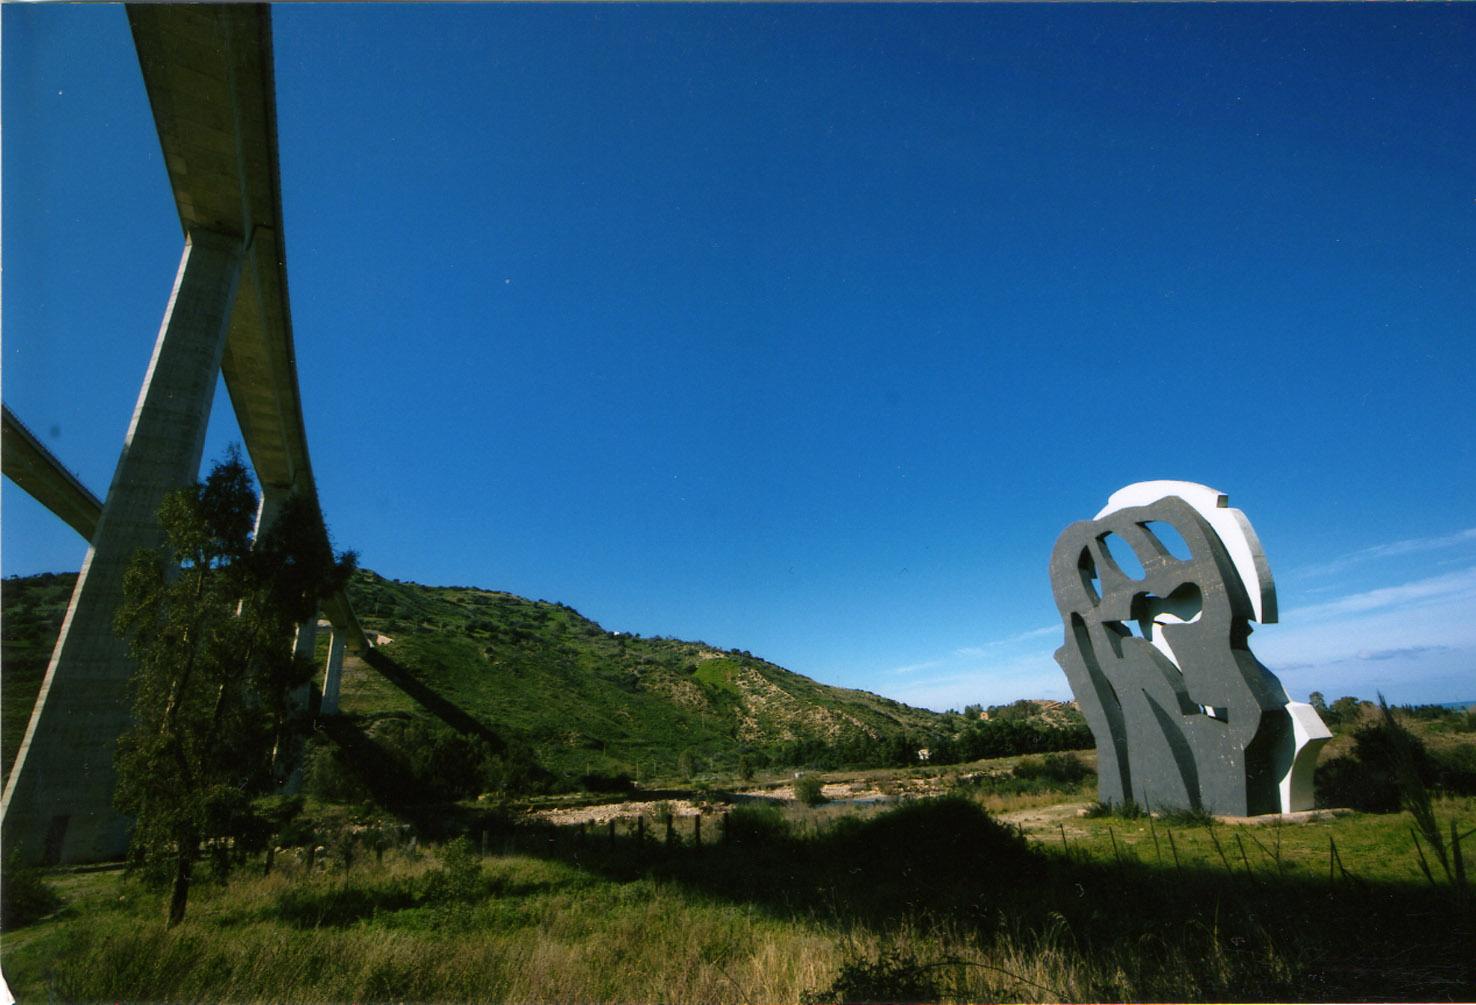 Castel di Tusa, Fiumara d'Arte: La vittoria della bellezza, dell'arte e dell'impegno di una vita sulla mafia